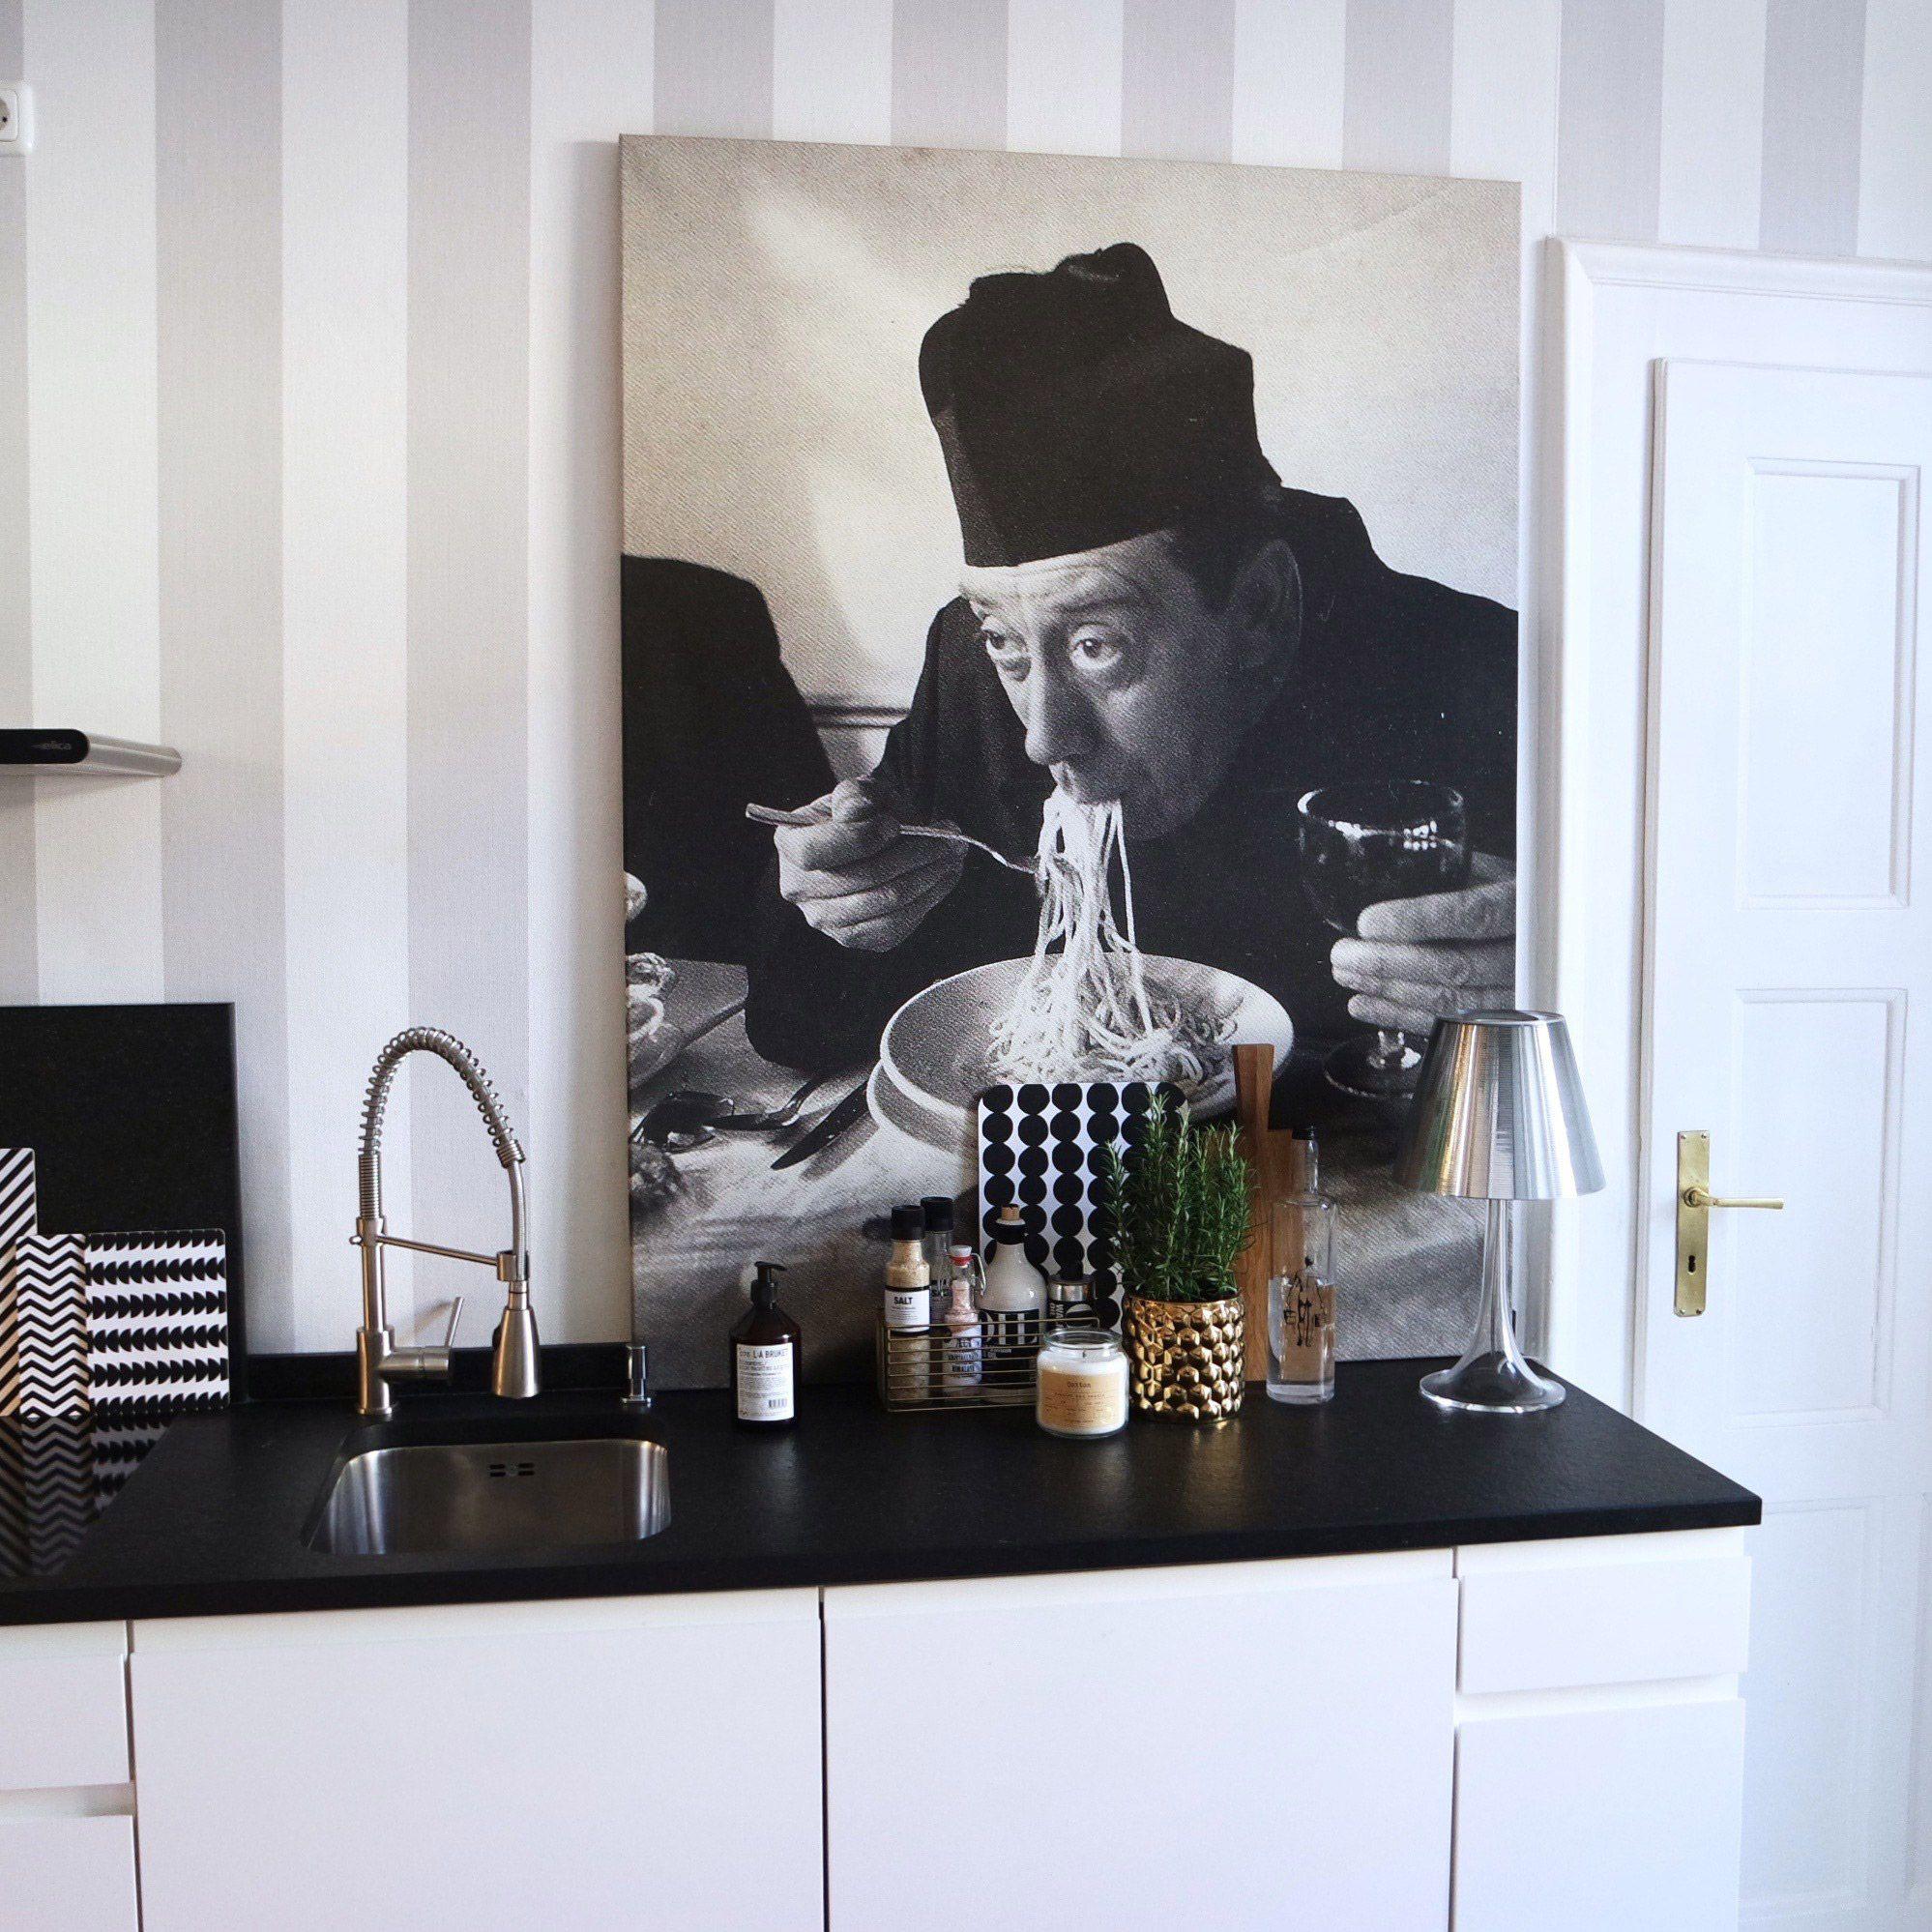 Weisse Minimalistische Kuchen Tolle Fotos Und Inspirationen Wohnkonfetti Tapete Kuche Minimalistische Kuche Kuche Schwarz